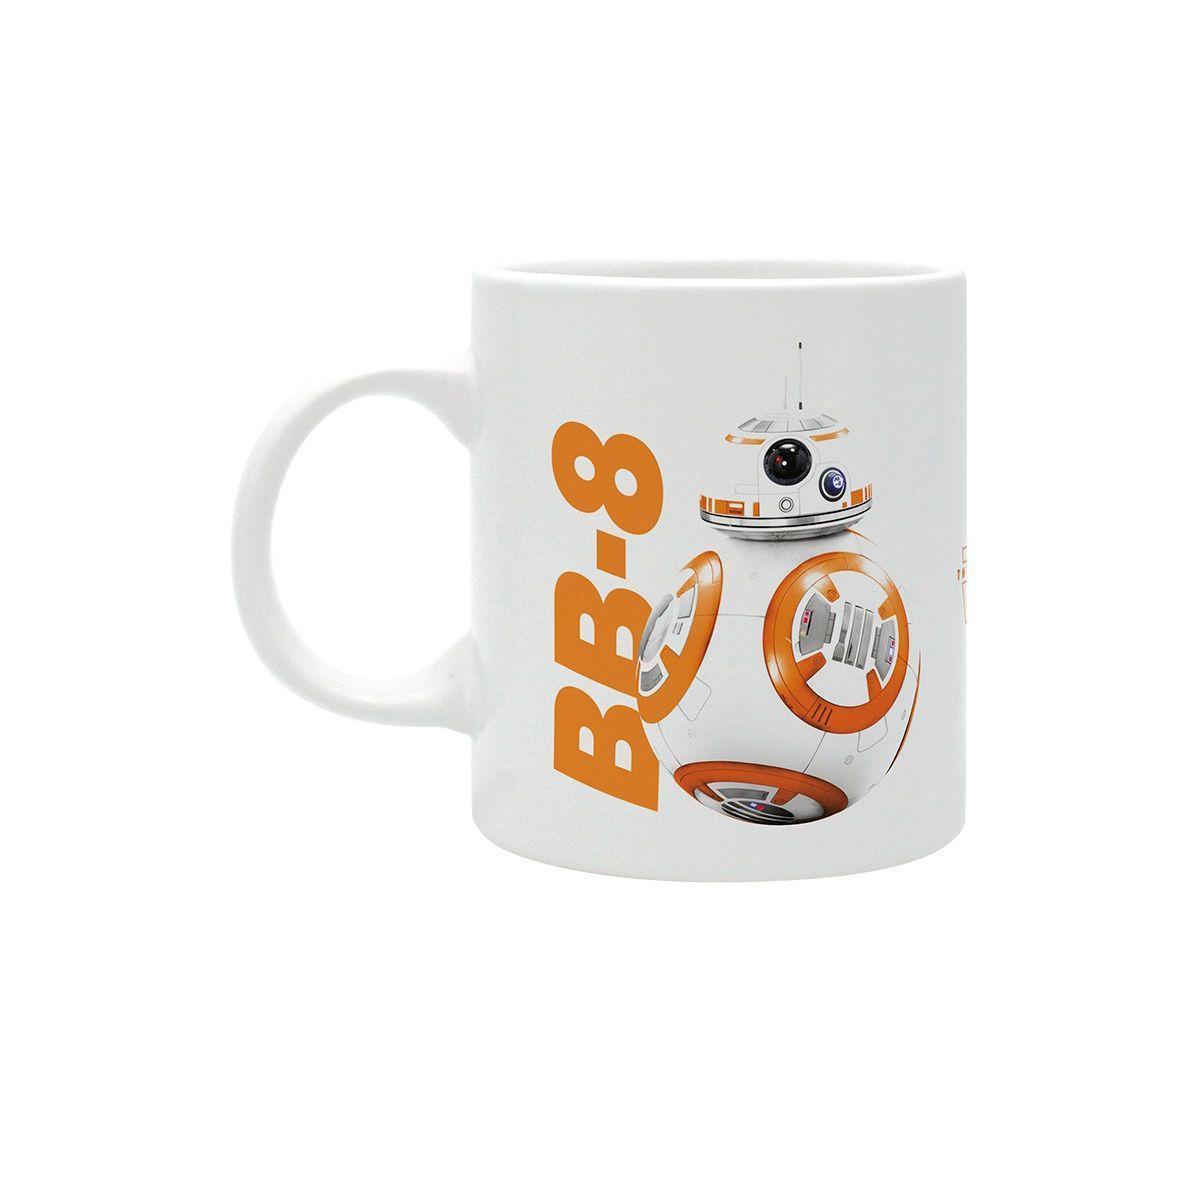 Figurine abystyle mug bb-8 résistance - 3% de remise immédiate avec le code : multi3 (photo)